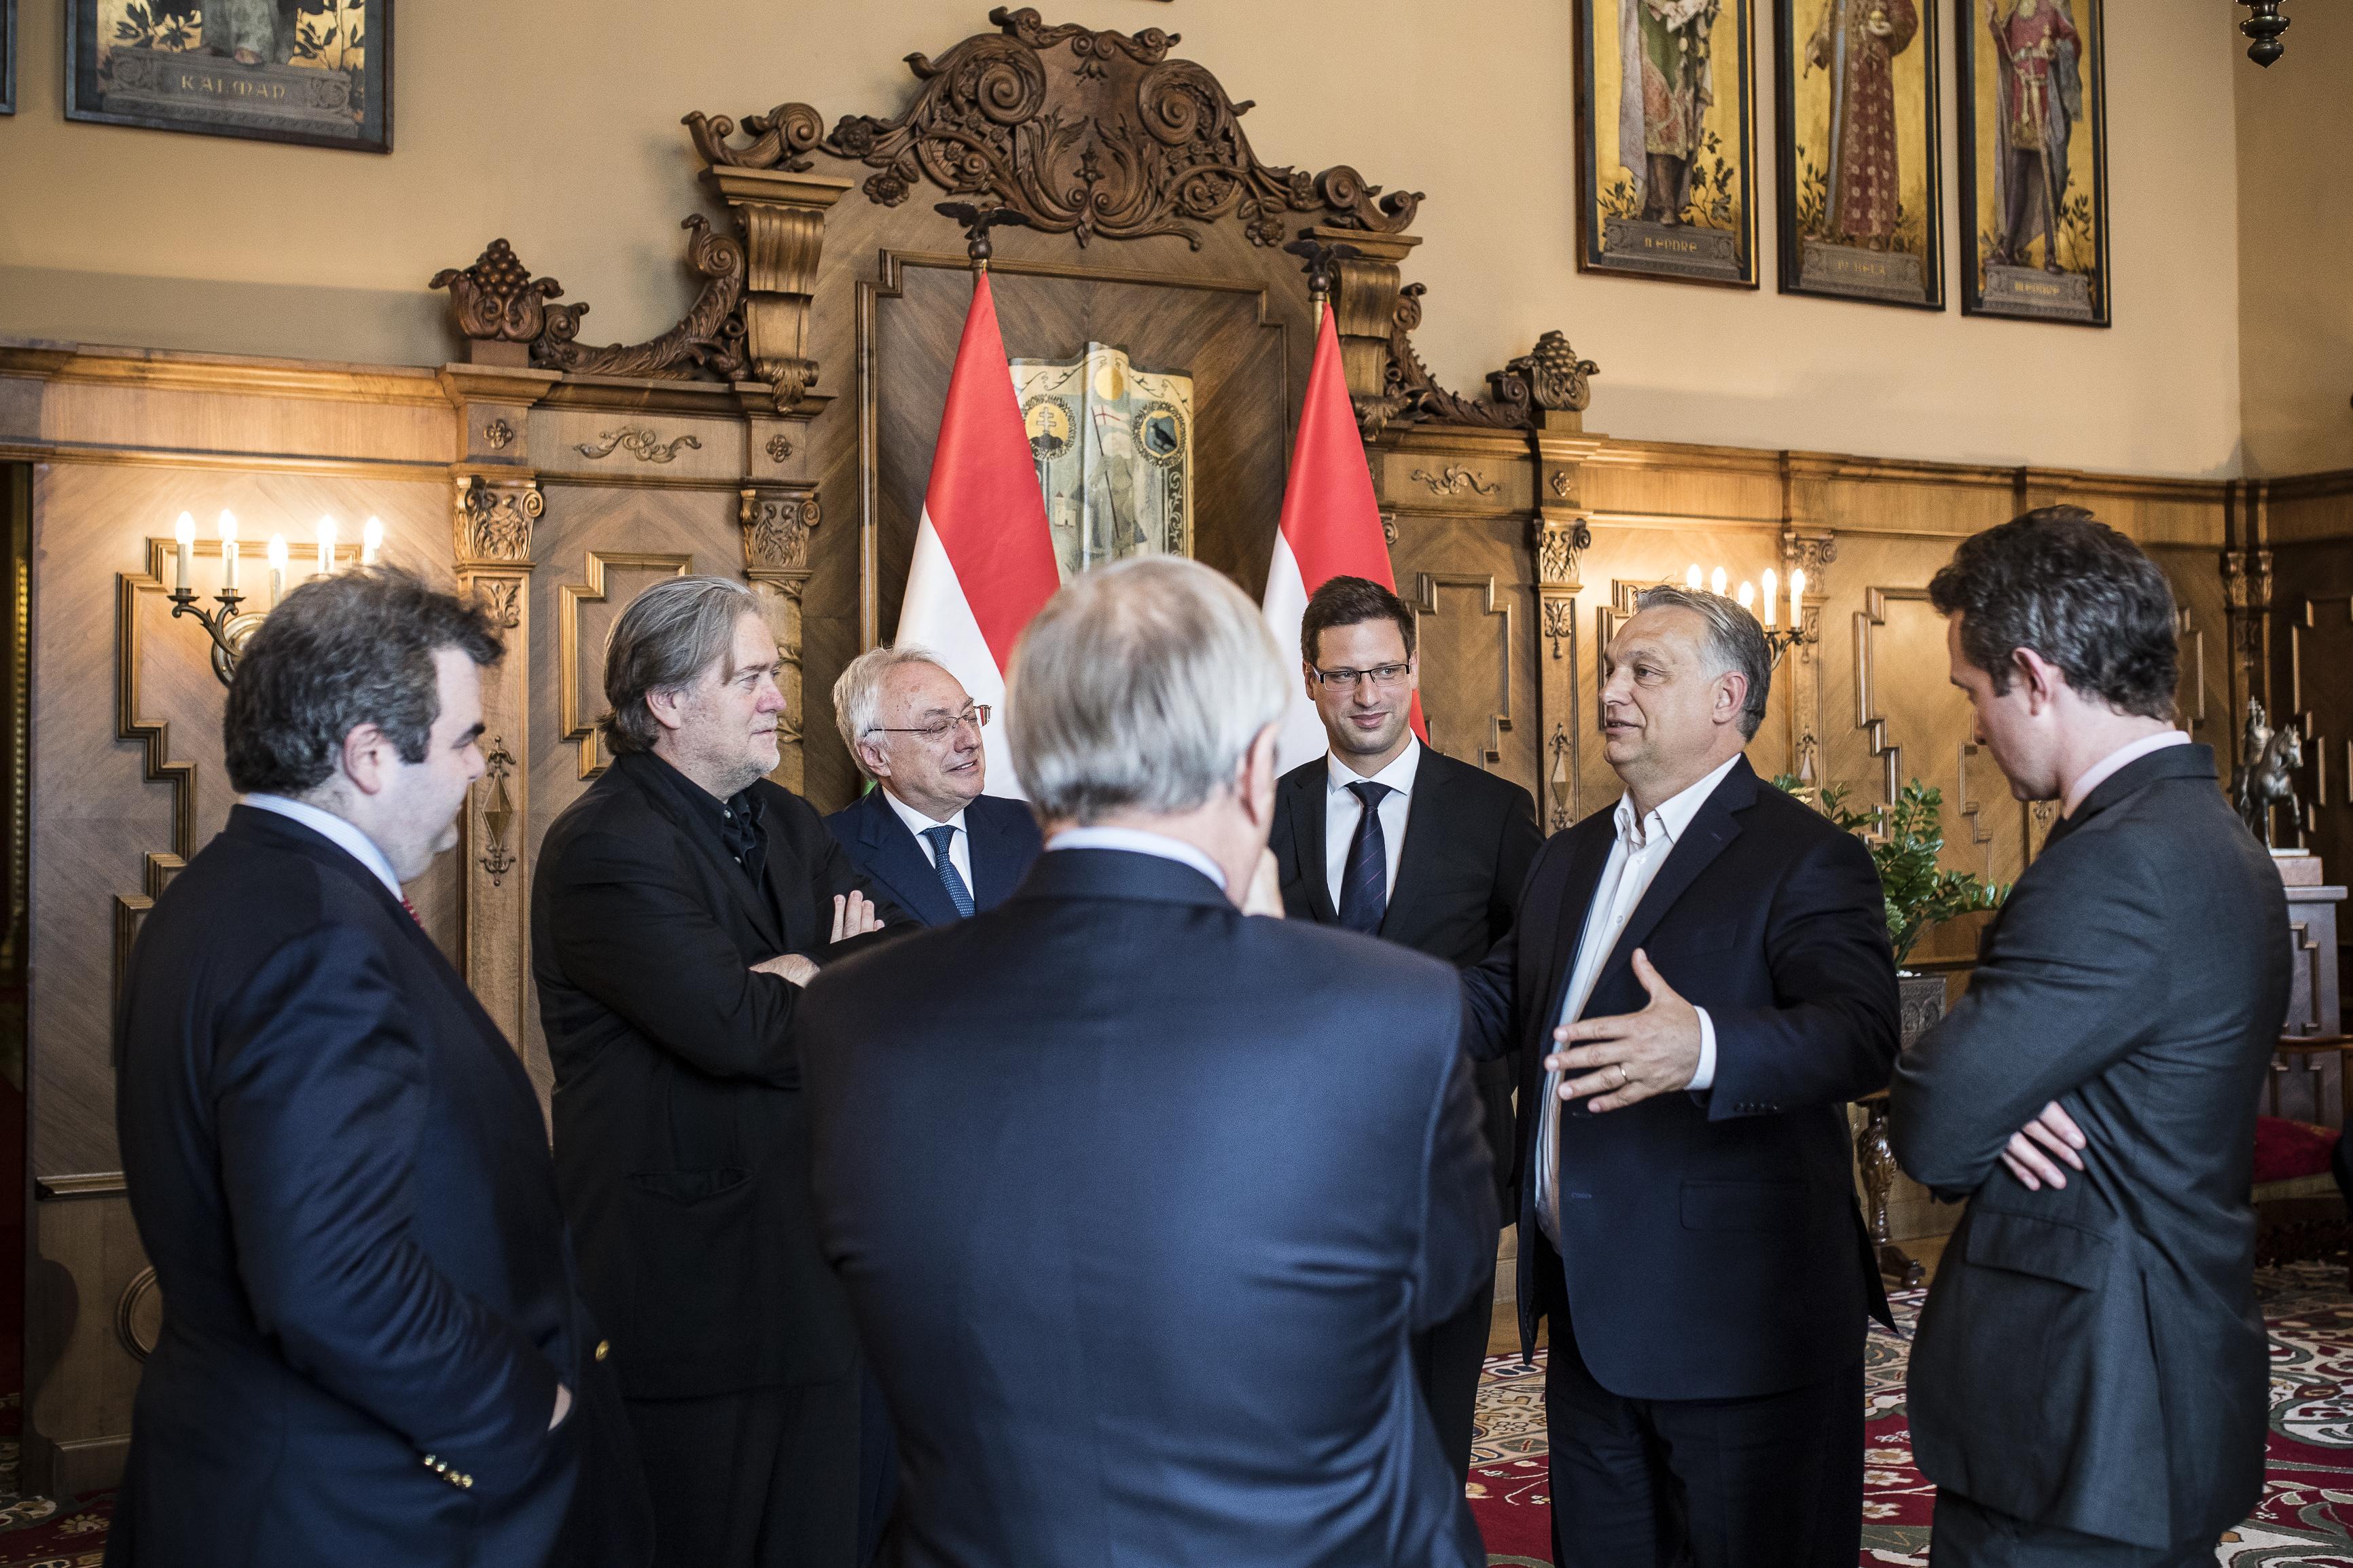 Két hónapja Havasi még azt mondta, nincs tervben egy Orbán–Bannon-találkozó, most meg kijött róluk a közös fotó